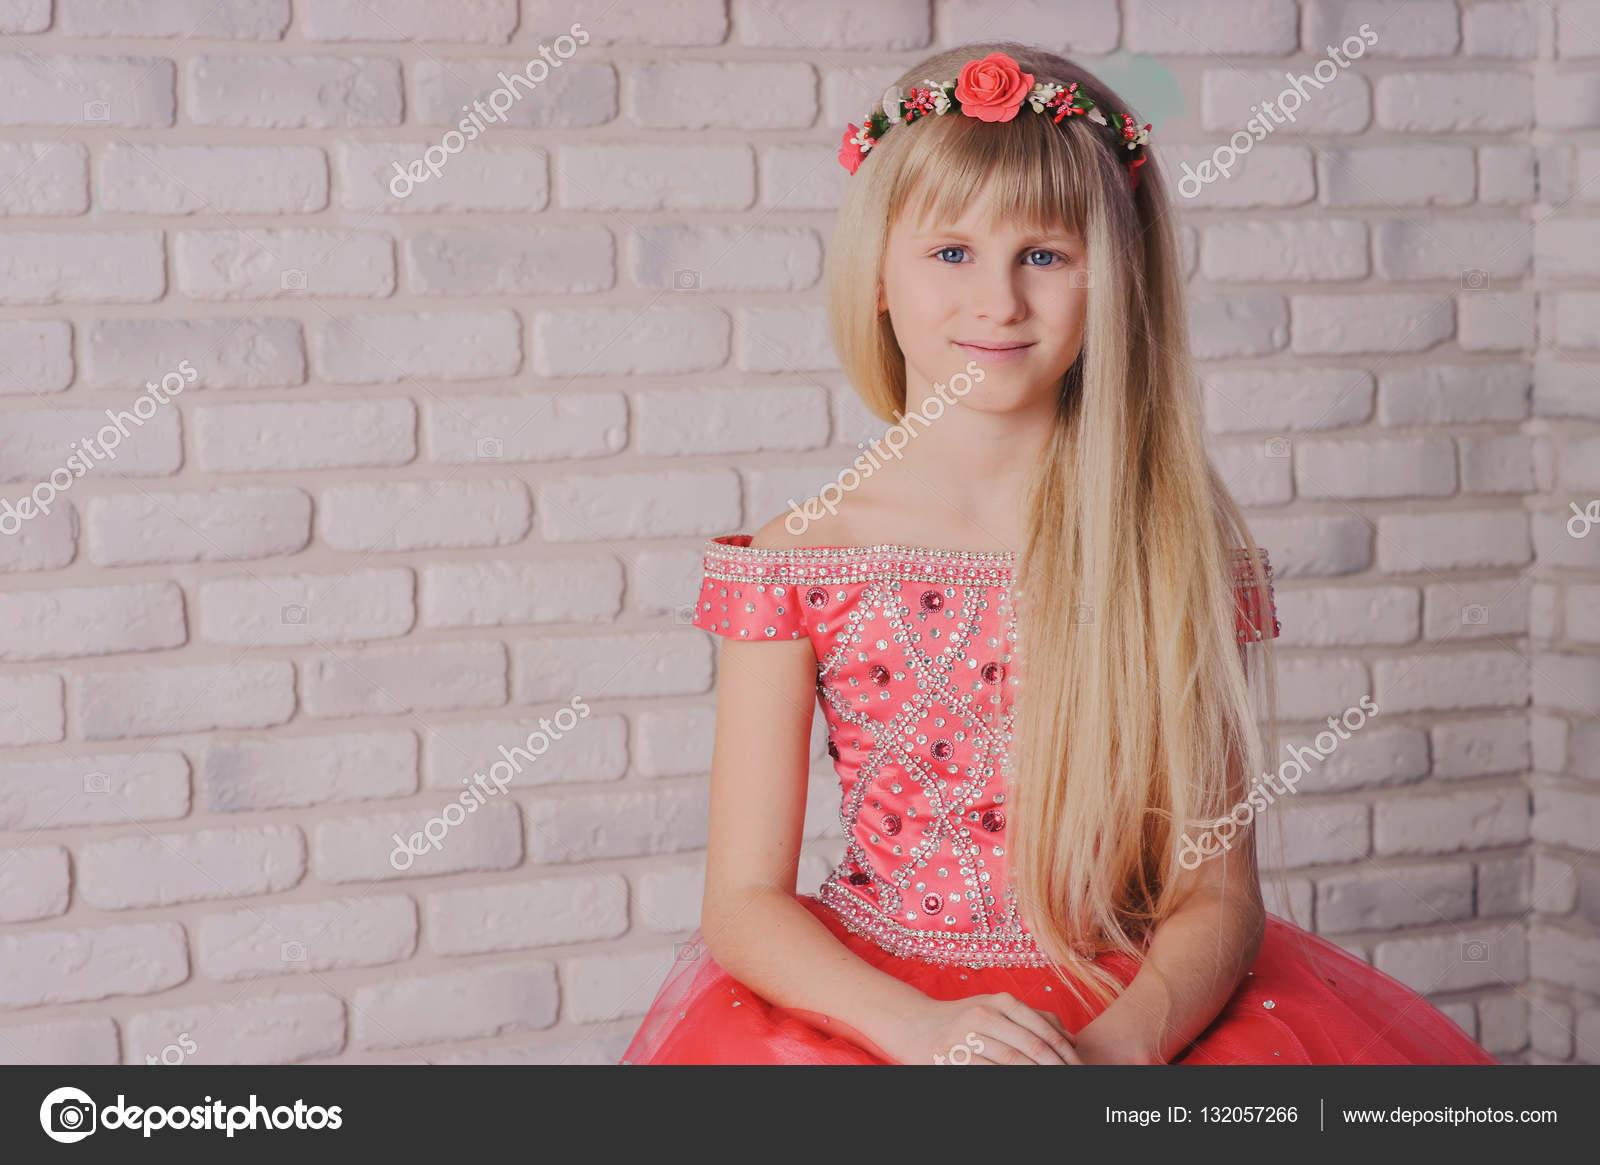 belleza, moda y gente feliz concepto - mujer joven en vestido ...